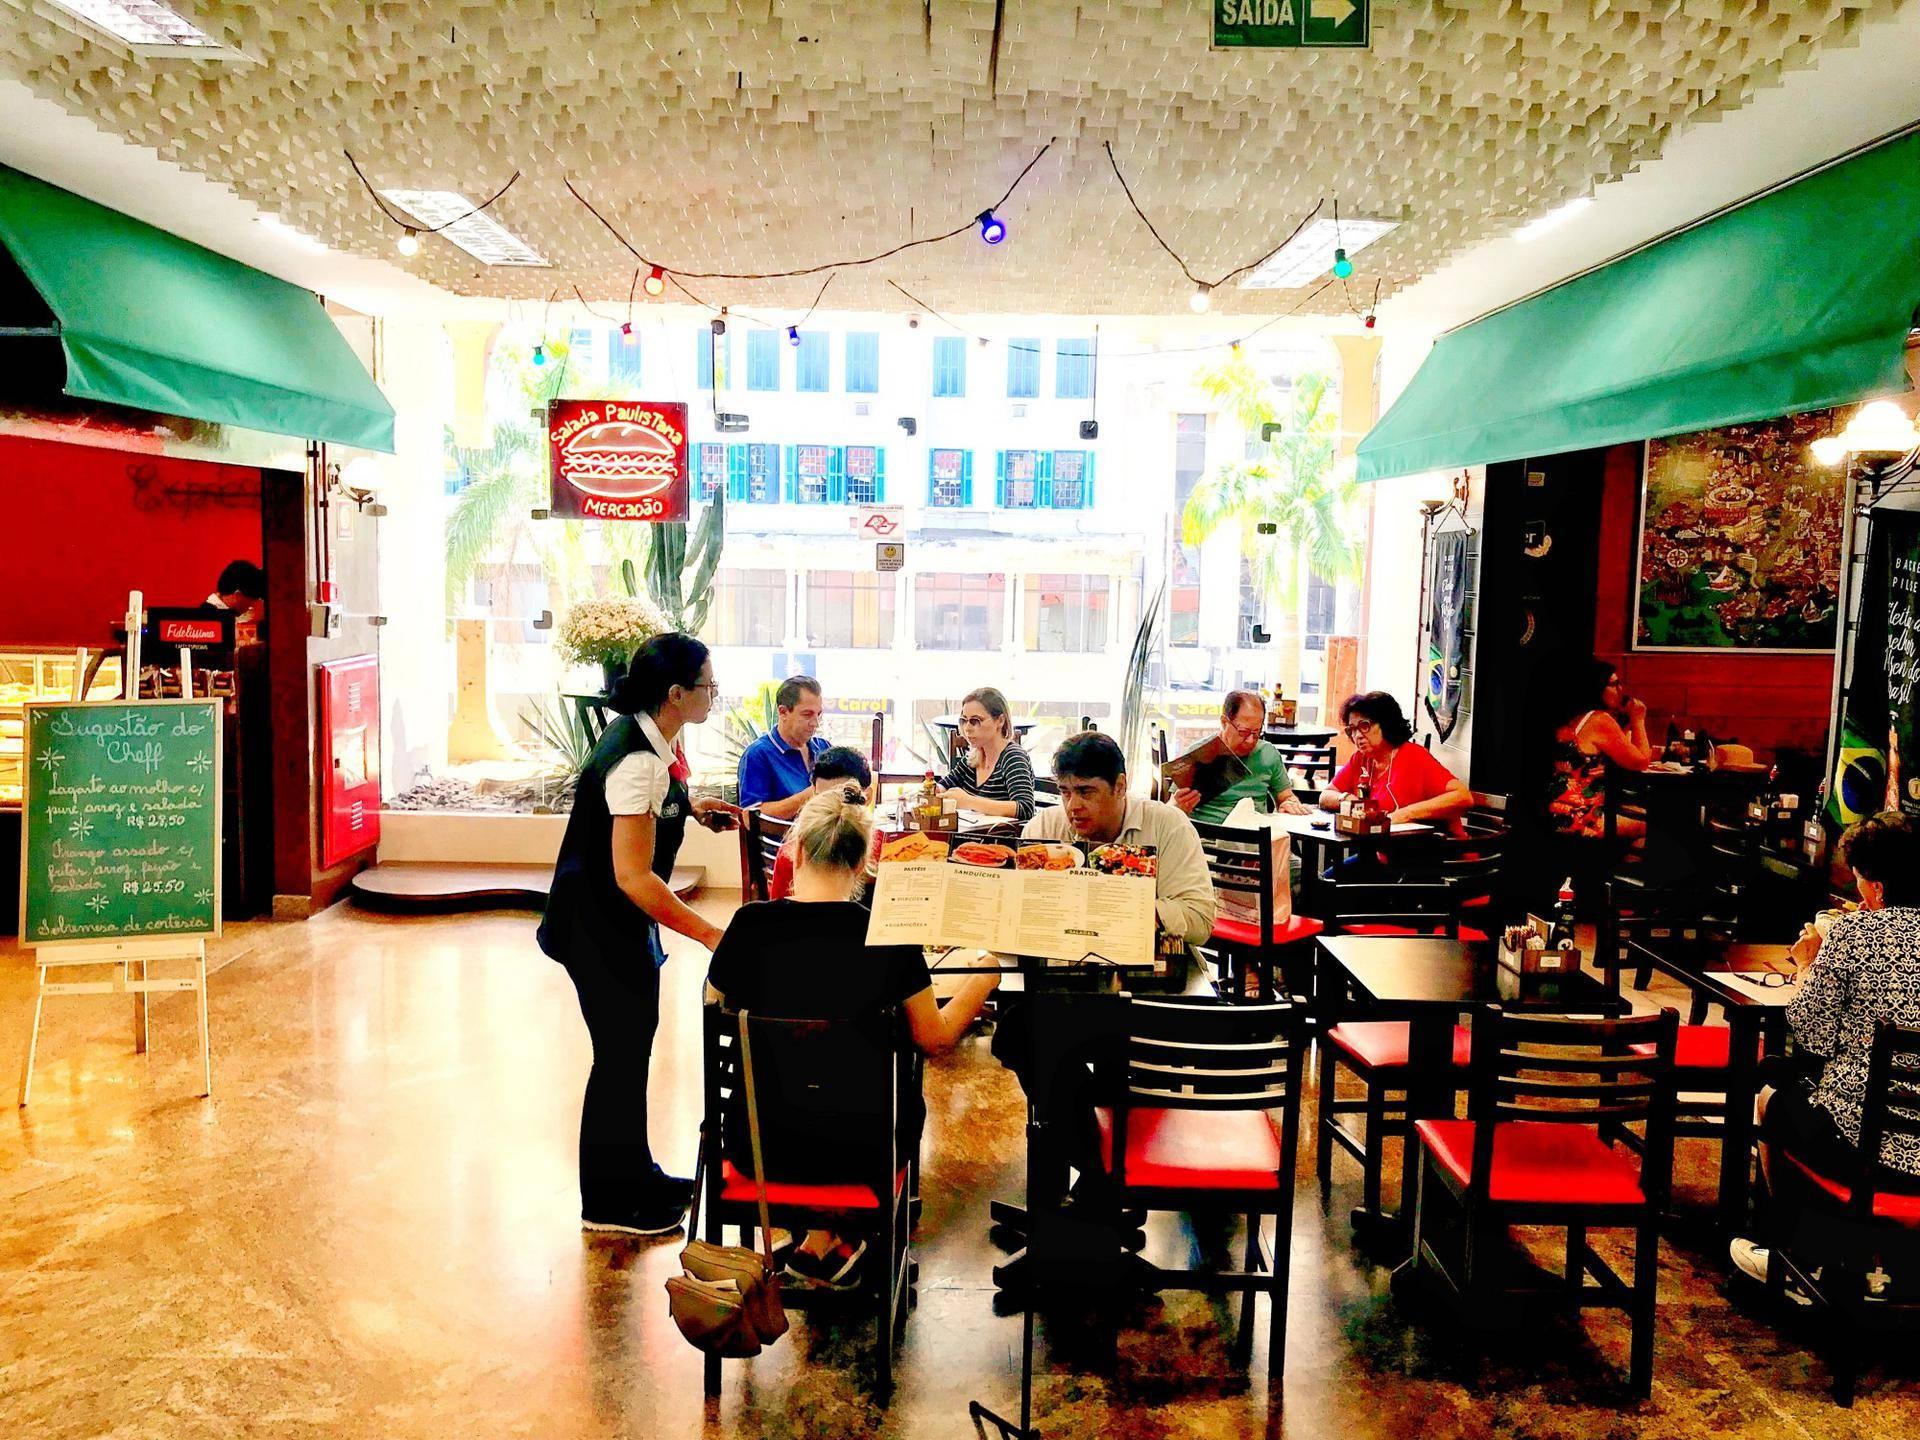 www.juicysantos.com.br - sanduíche do mercadão em santos salada paulistana